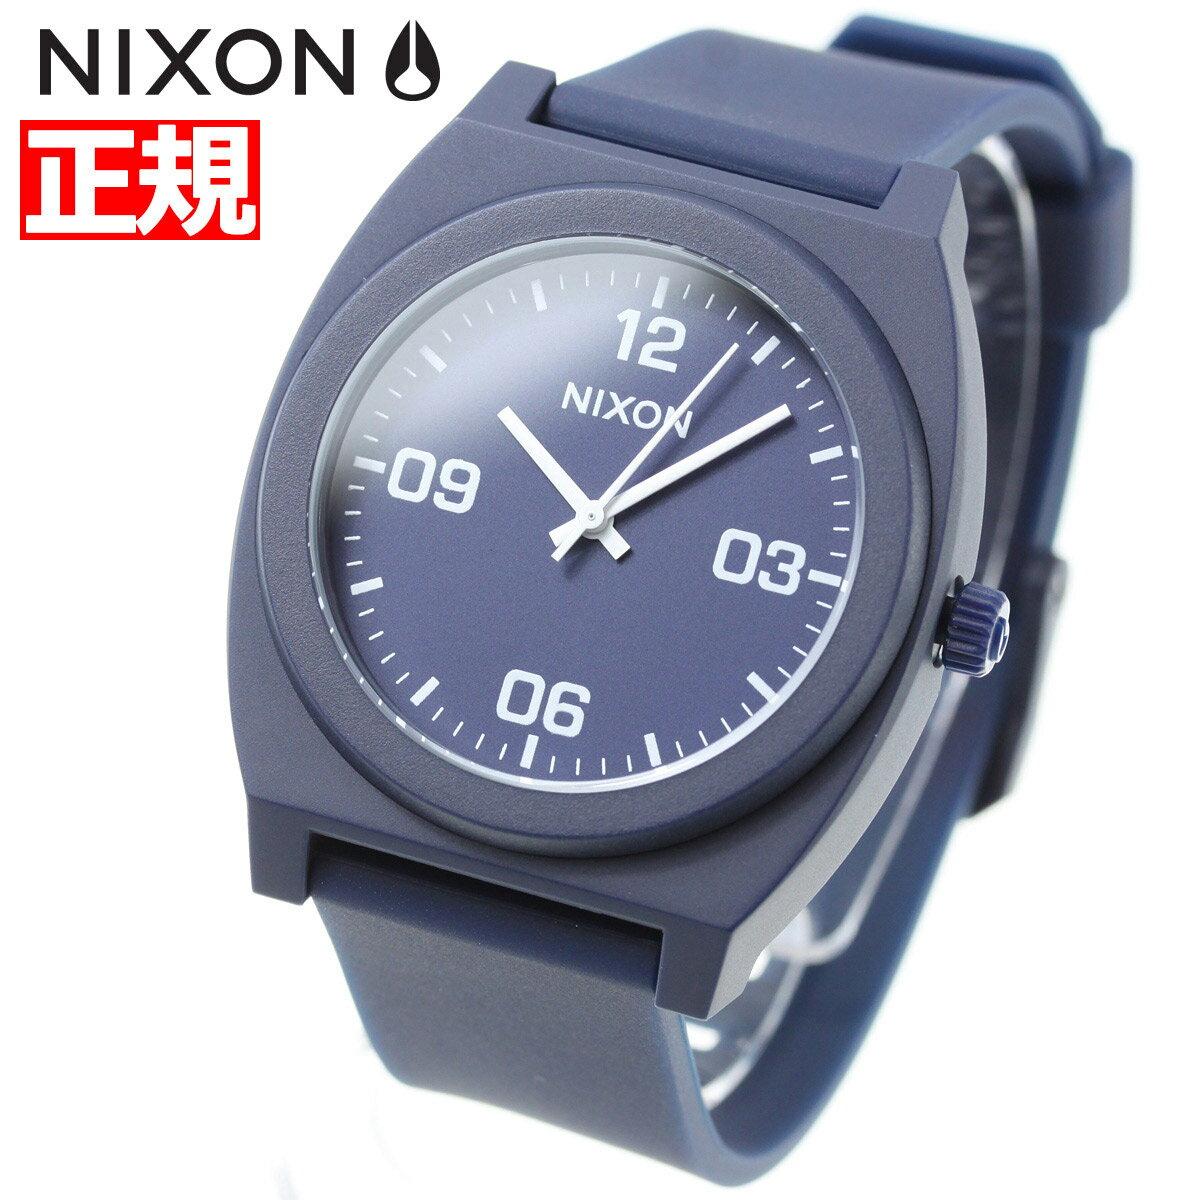 ニクソン NIXON タイムテラーP コープ TIME TELLER P CORP 腕時計 メンズ/レディース マットネイビー/ホワイト NA12483010-00【2018 新作】